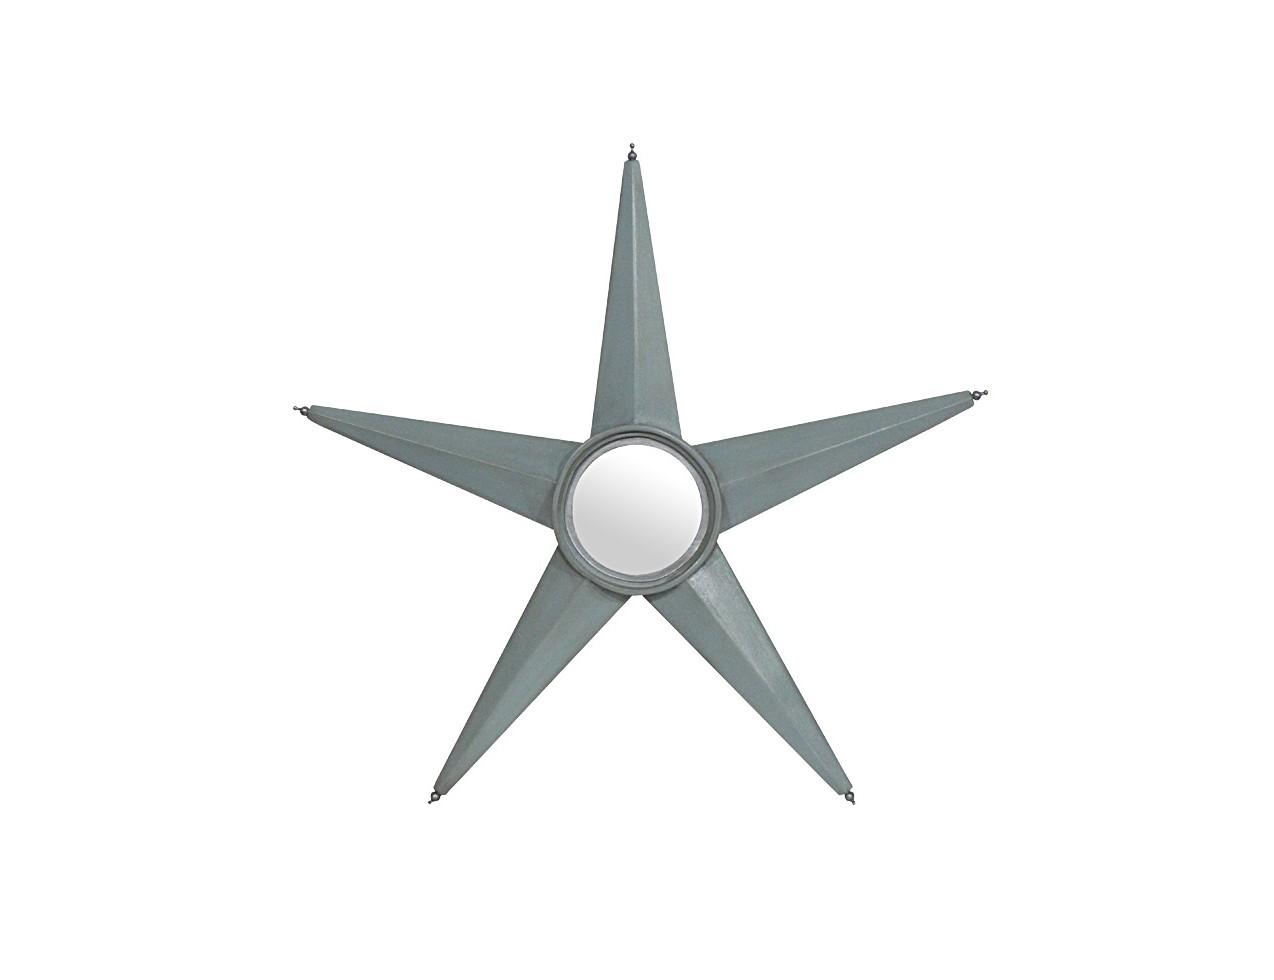 Зеркало StarburstПредметы декора<br><br><br>Material: Стекло<br>Width см: None<br>Depth см: 14<br>Height см: None<br>Diameter см: 100